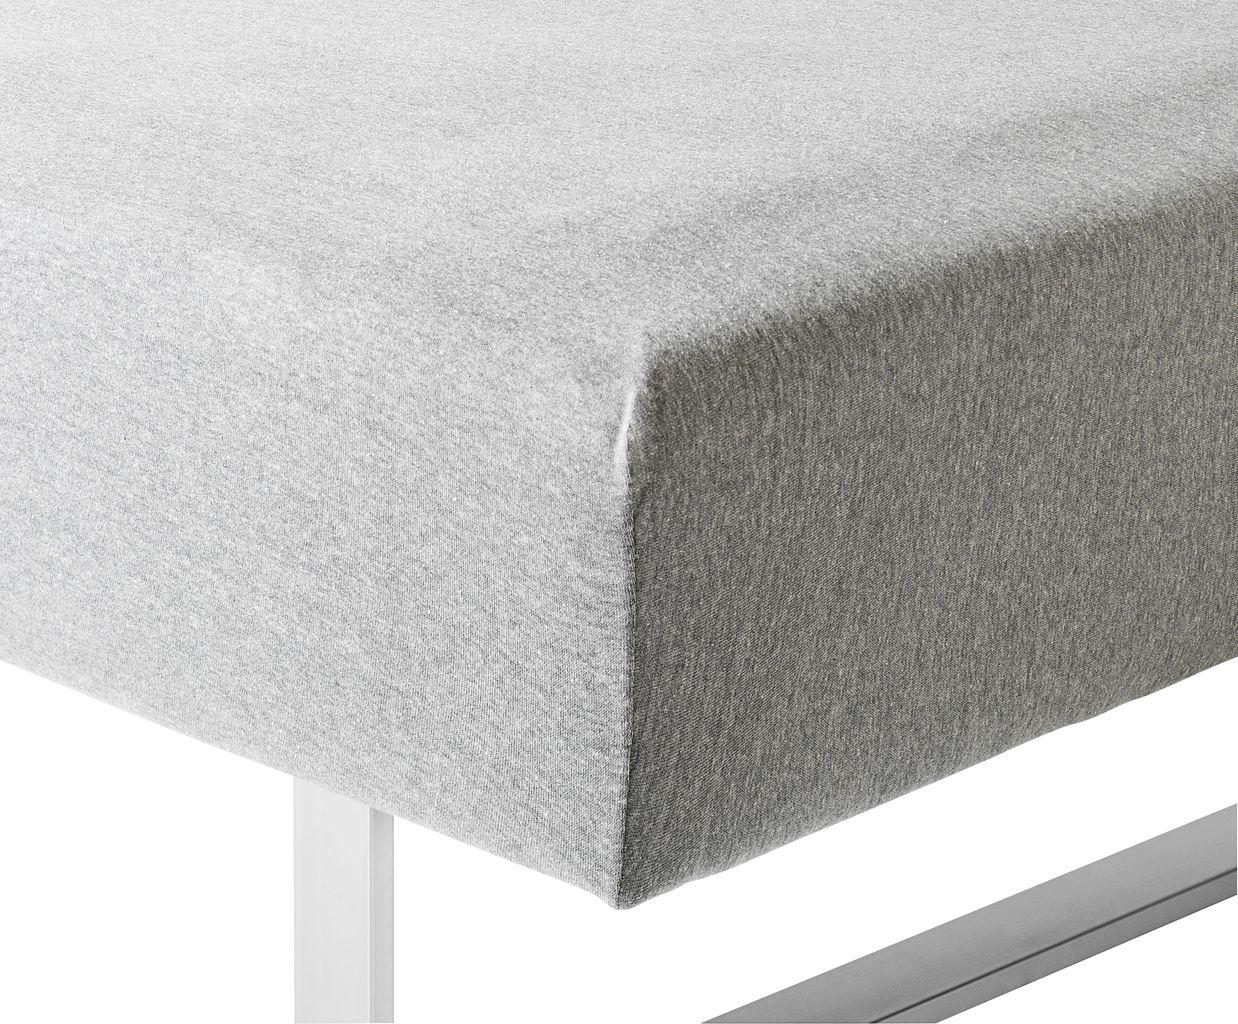 Folkekære Jerseylagen 140/150x200x40cm grå melange | JYSK QF-84